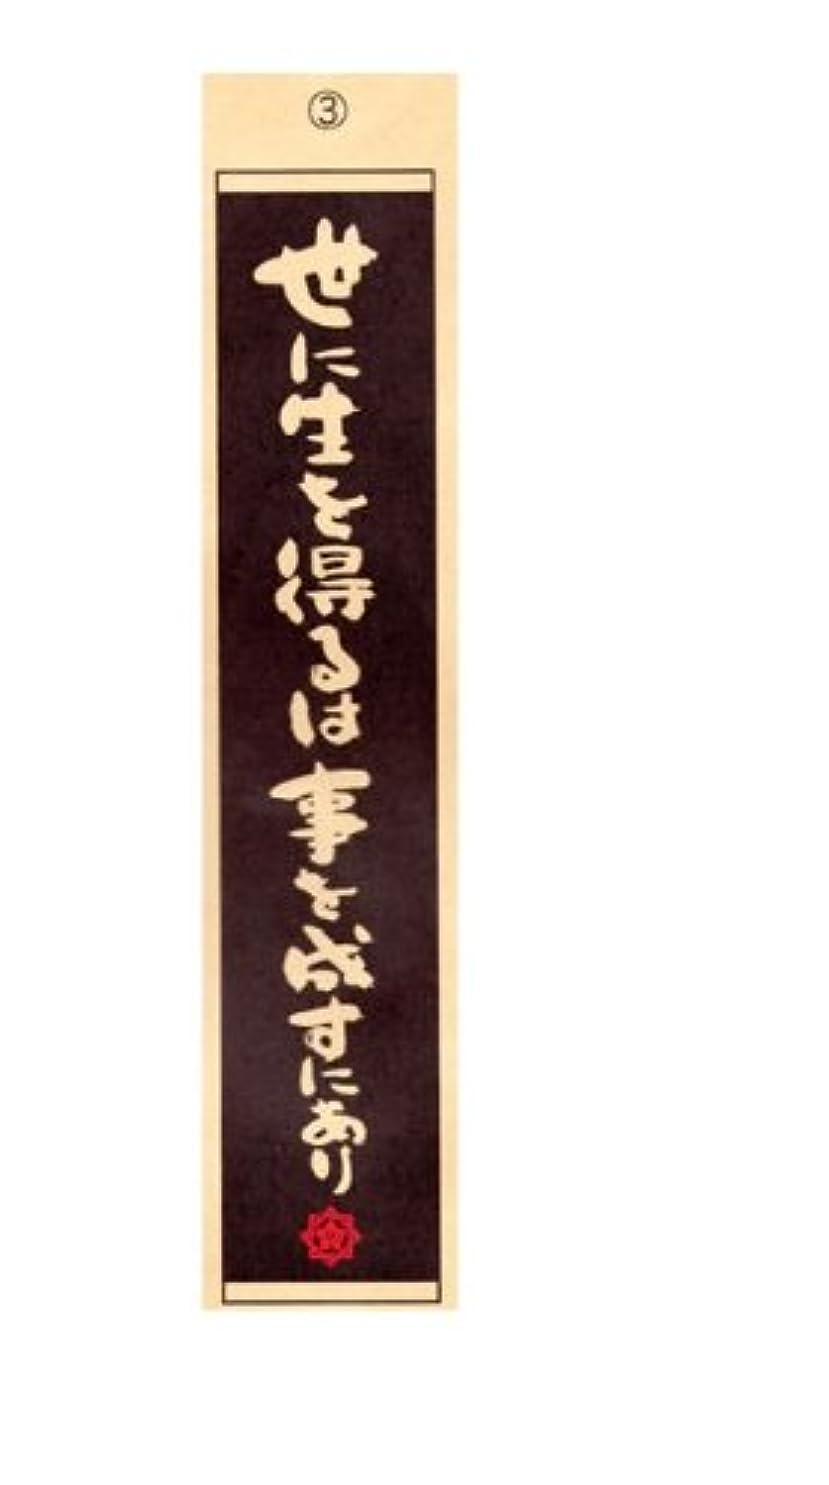 人質切断する高音坂本龍馬の名言が書かれた マフラータオル3、世に生を得るは事を成すにあり